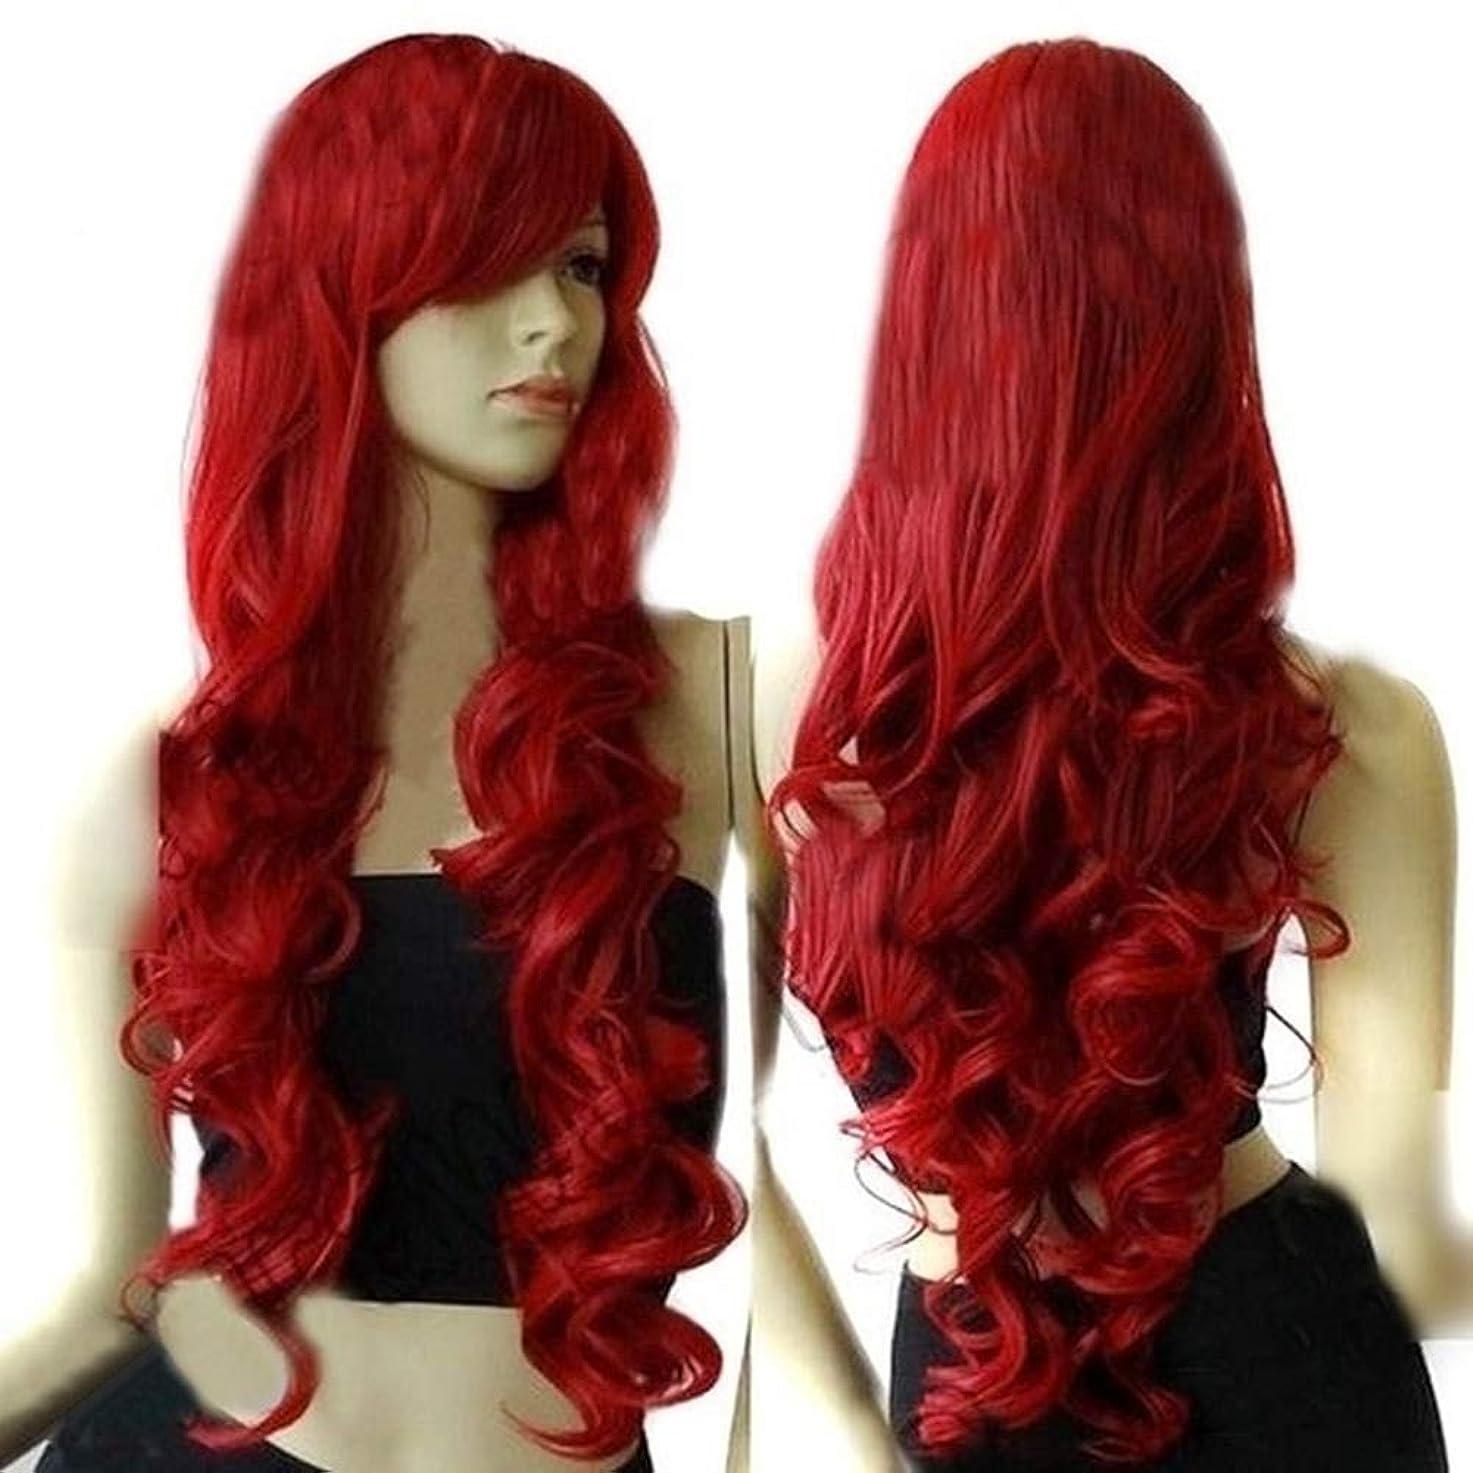 無声でつらい気怠いslQinjiansav女性ウィッグ修理ツールファッション女性ロングカーリーワイン赤ウィッグコスプレパーティーヘアピースヘアエクステンション